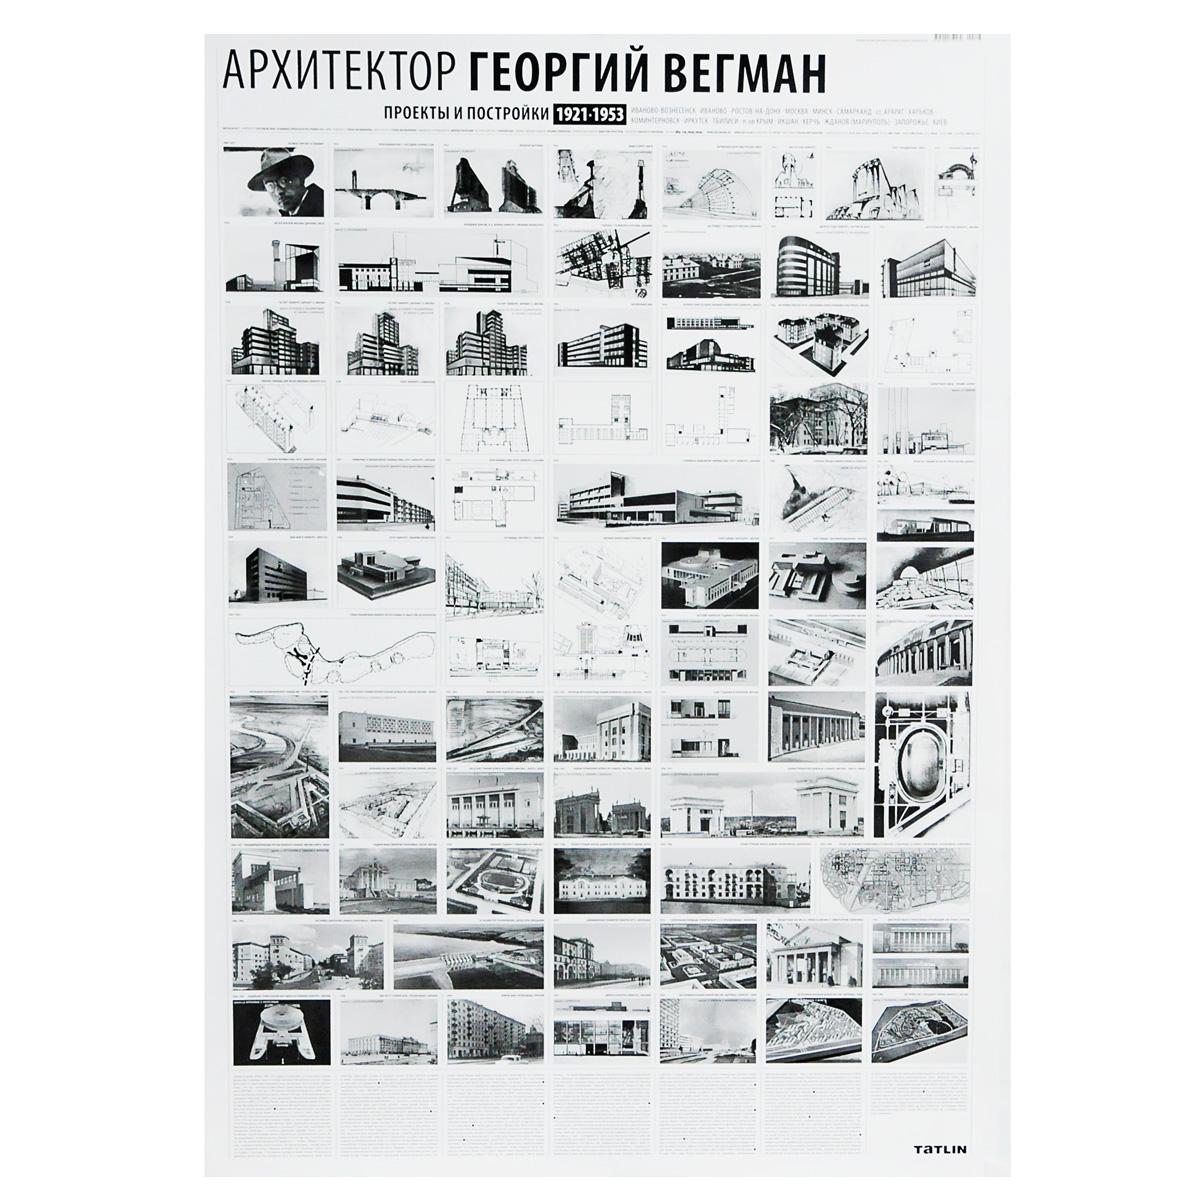 Archilog №11. Архитектор Георгий Вегман. 1921-1953. Плакат